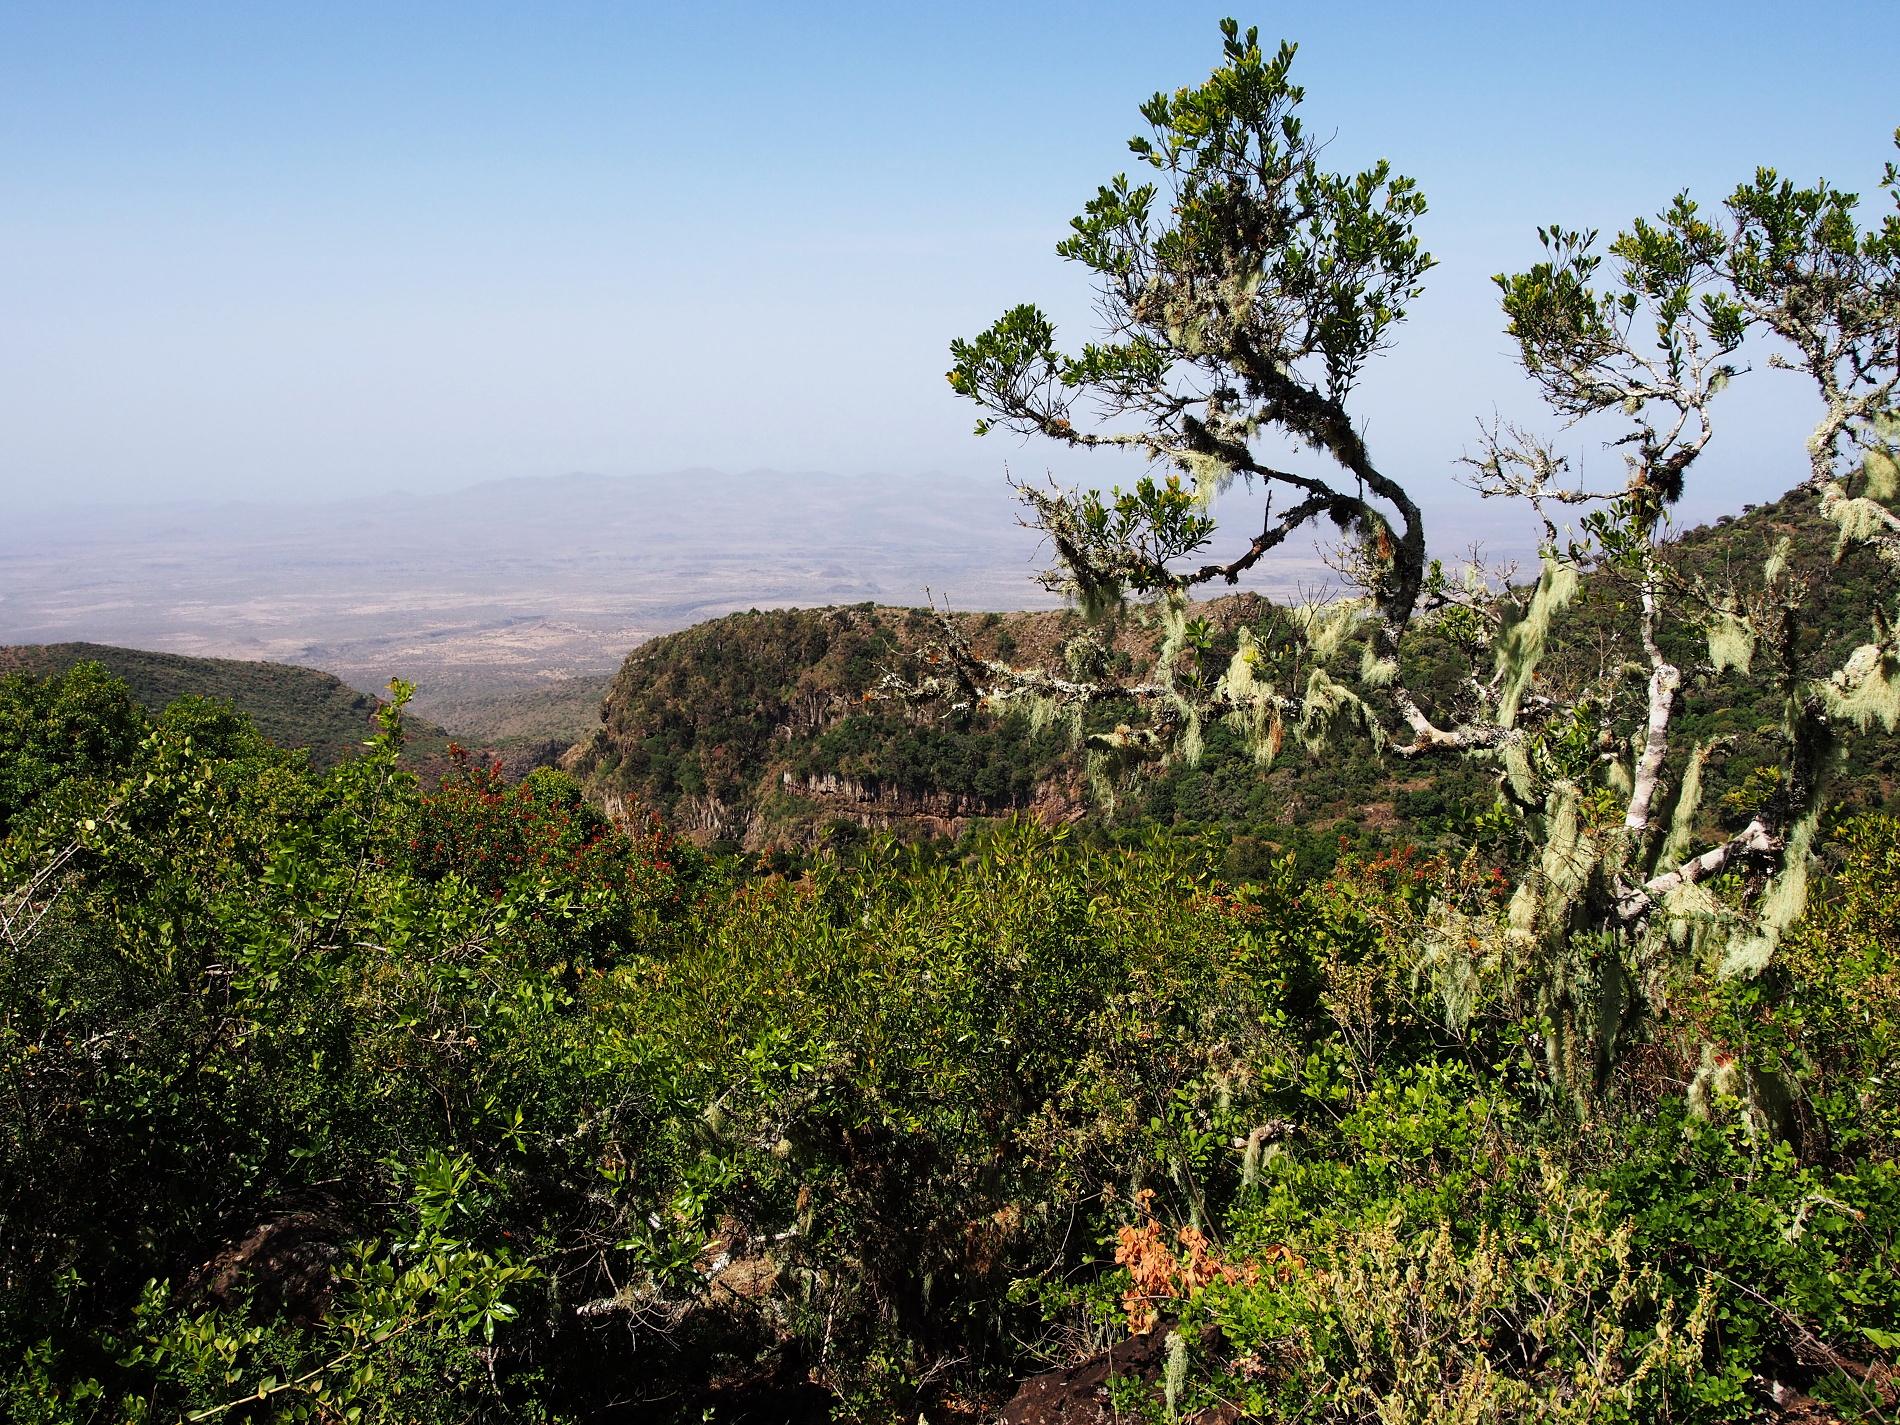 Pohľad z chrbta horského masívu ponúka výhľad na široko otvorený priestor suchých spoločenstiev púští a polopúští.